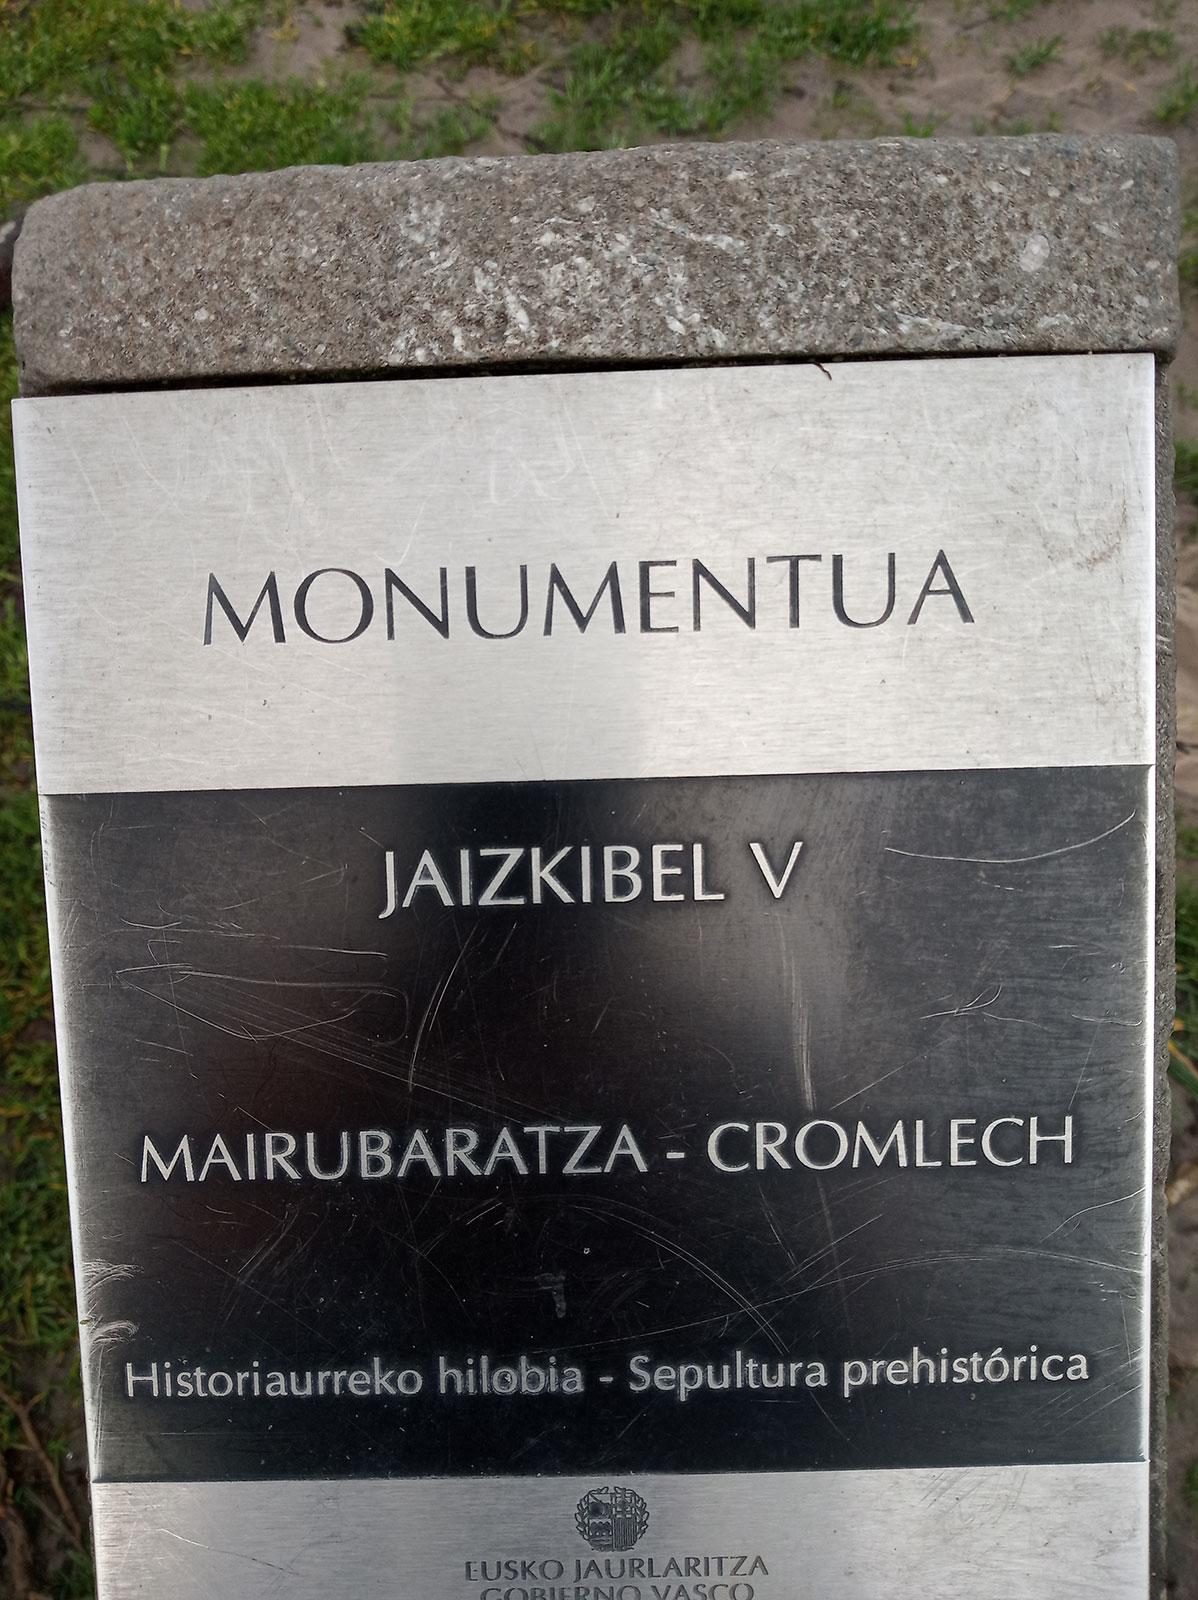 Mairubaratza Jaizkibel 5 Cromlech